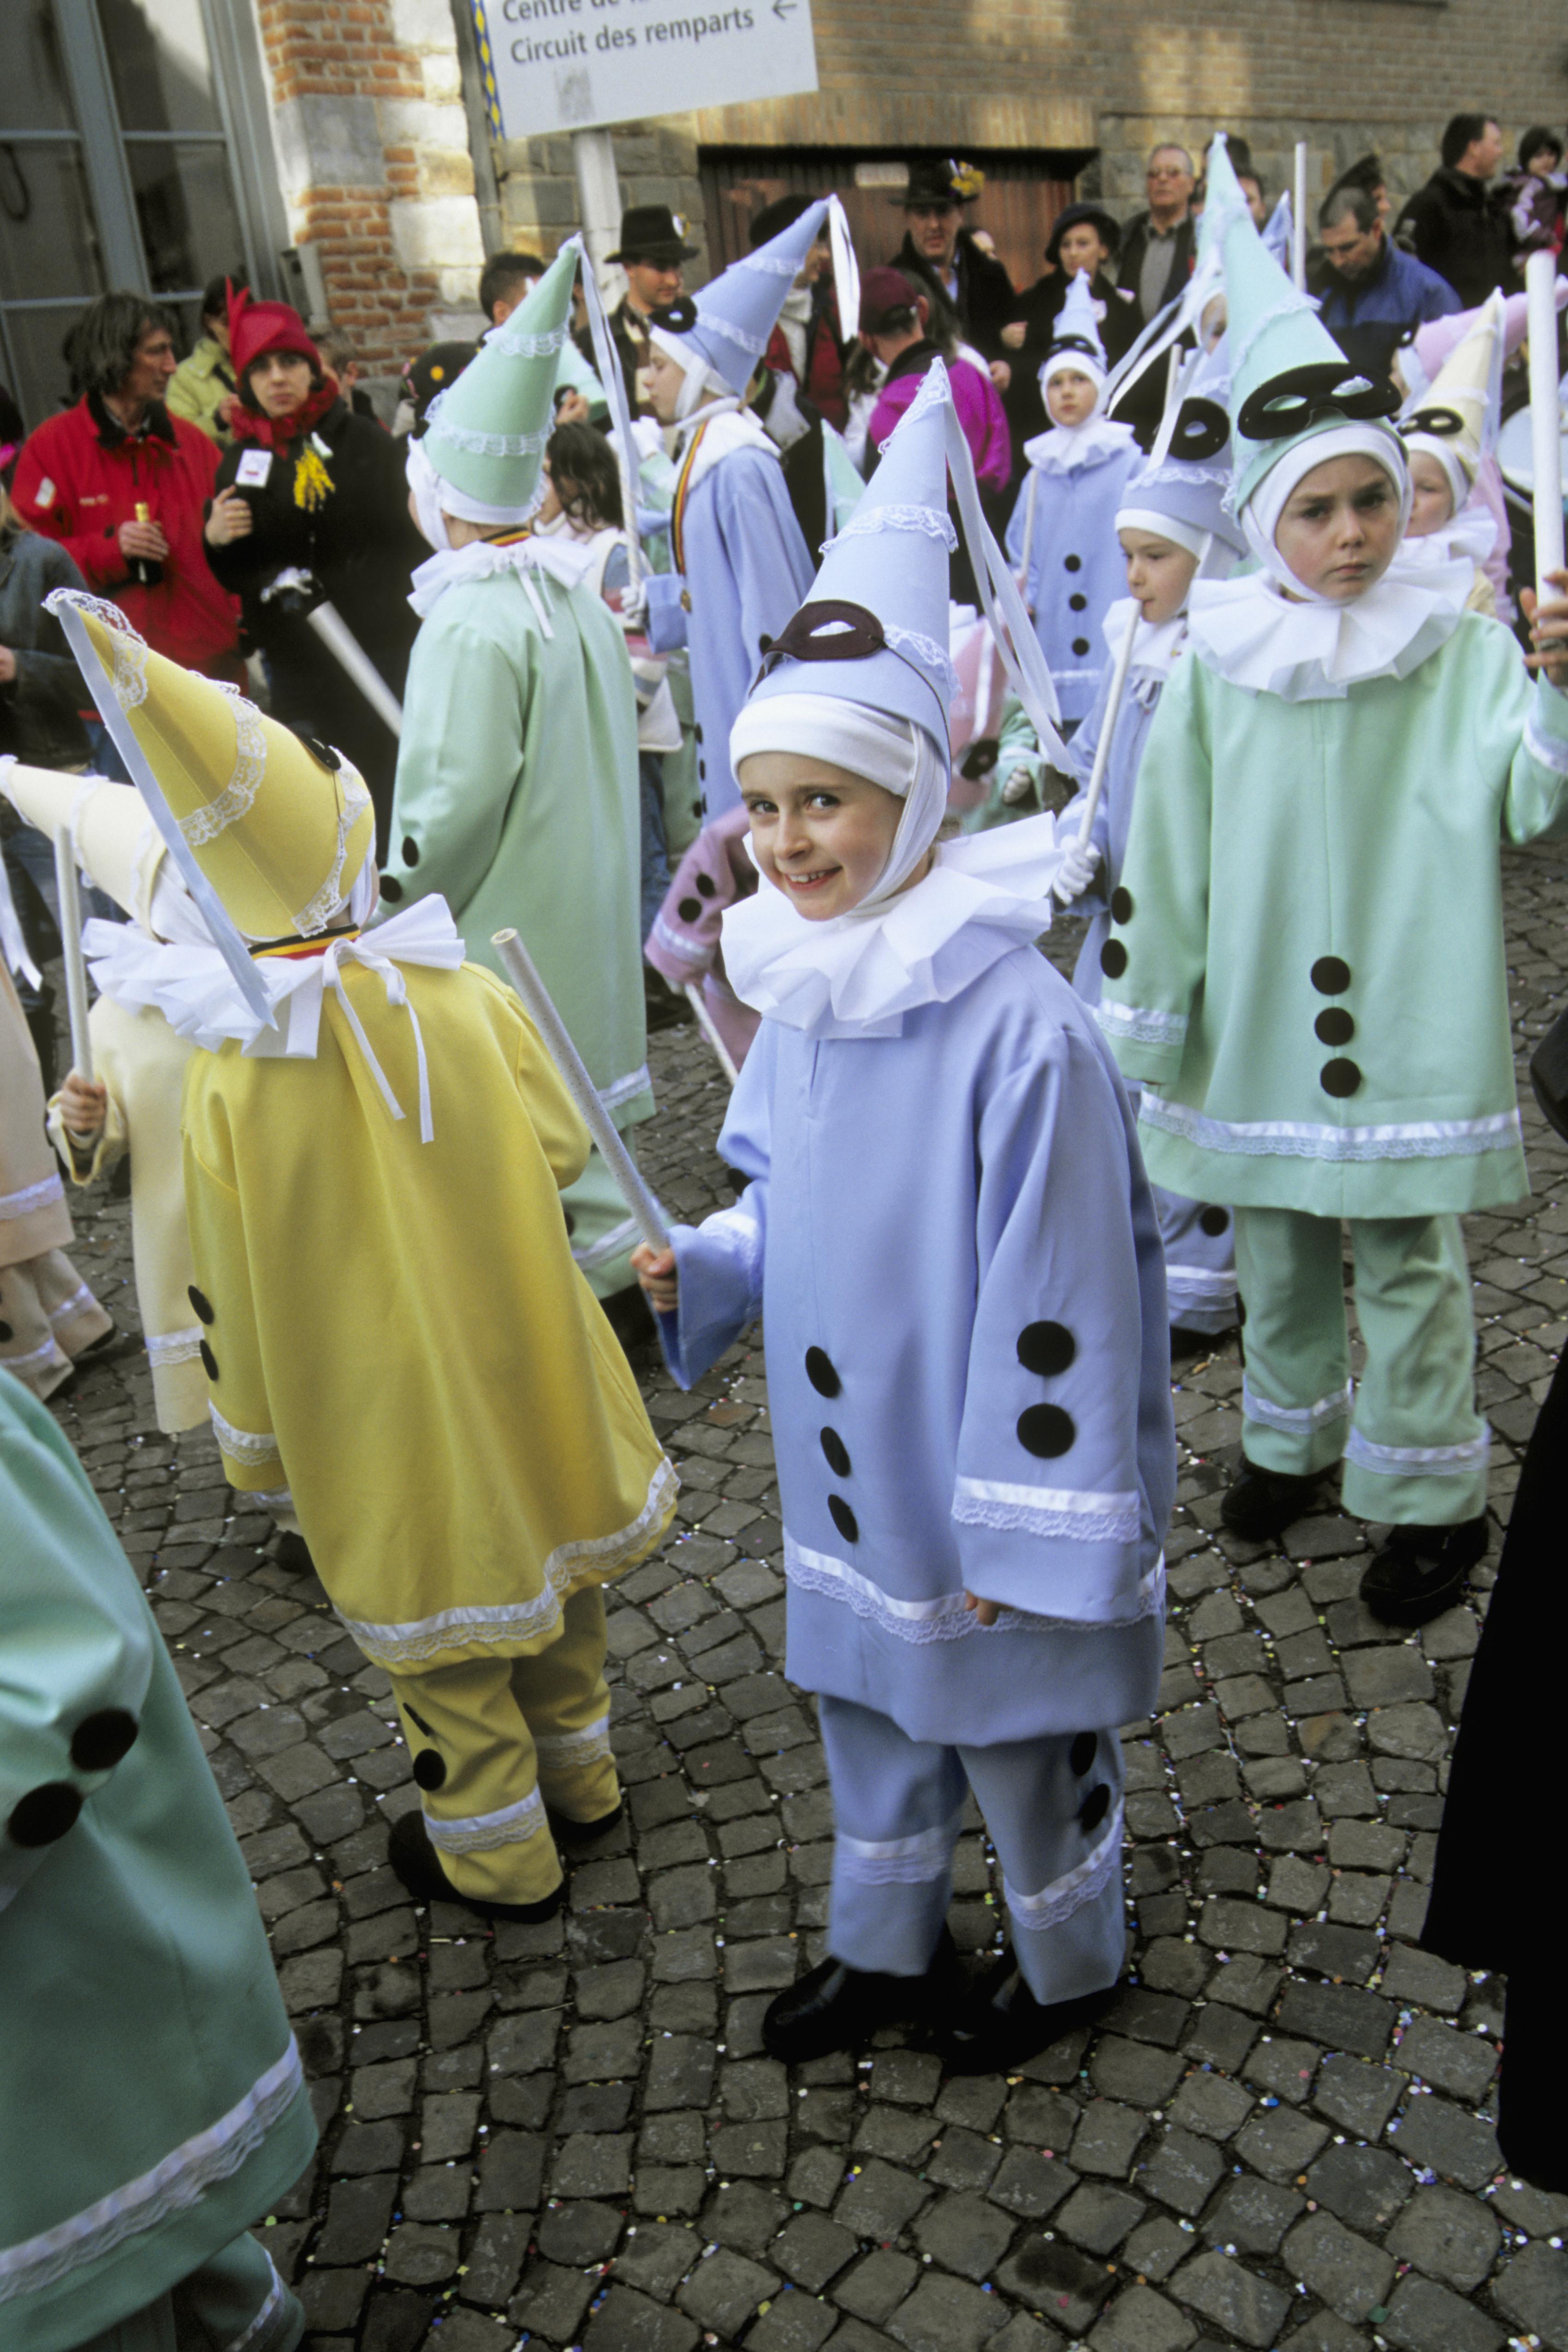 mardi gras new orleans louisiana children costumes  sc 1 th 275 & costumed-children-in-mardi-gras-parade - Mardi Gras and Carnival ...